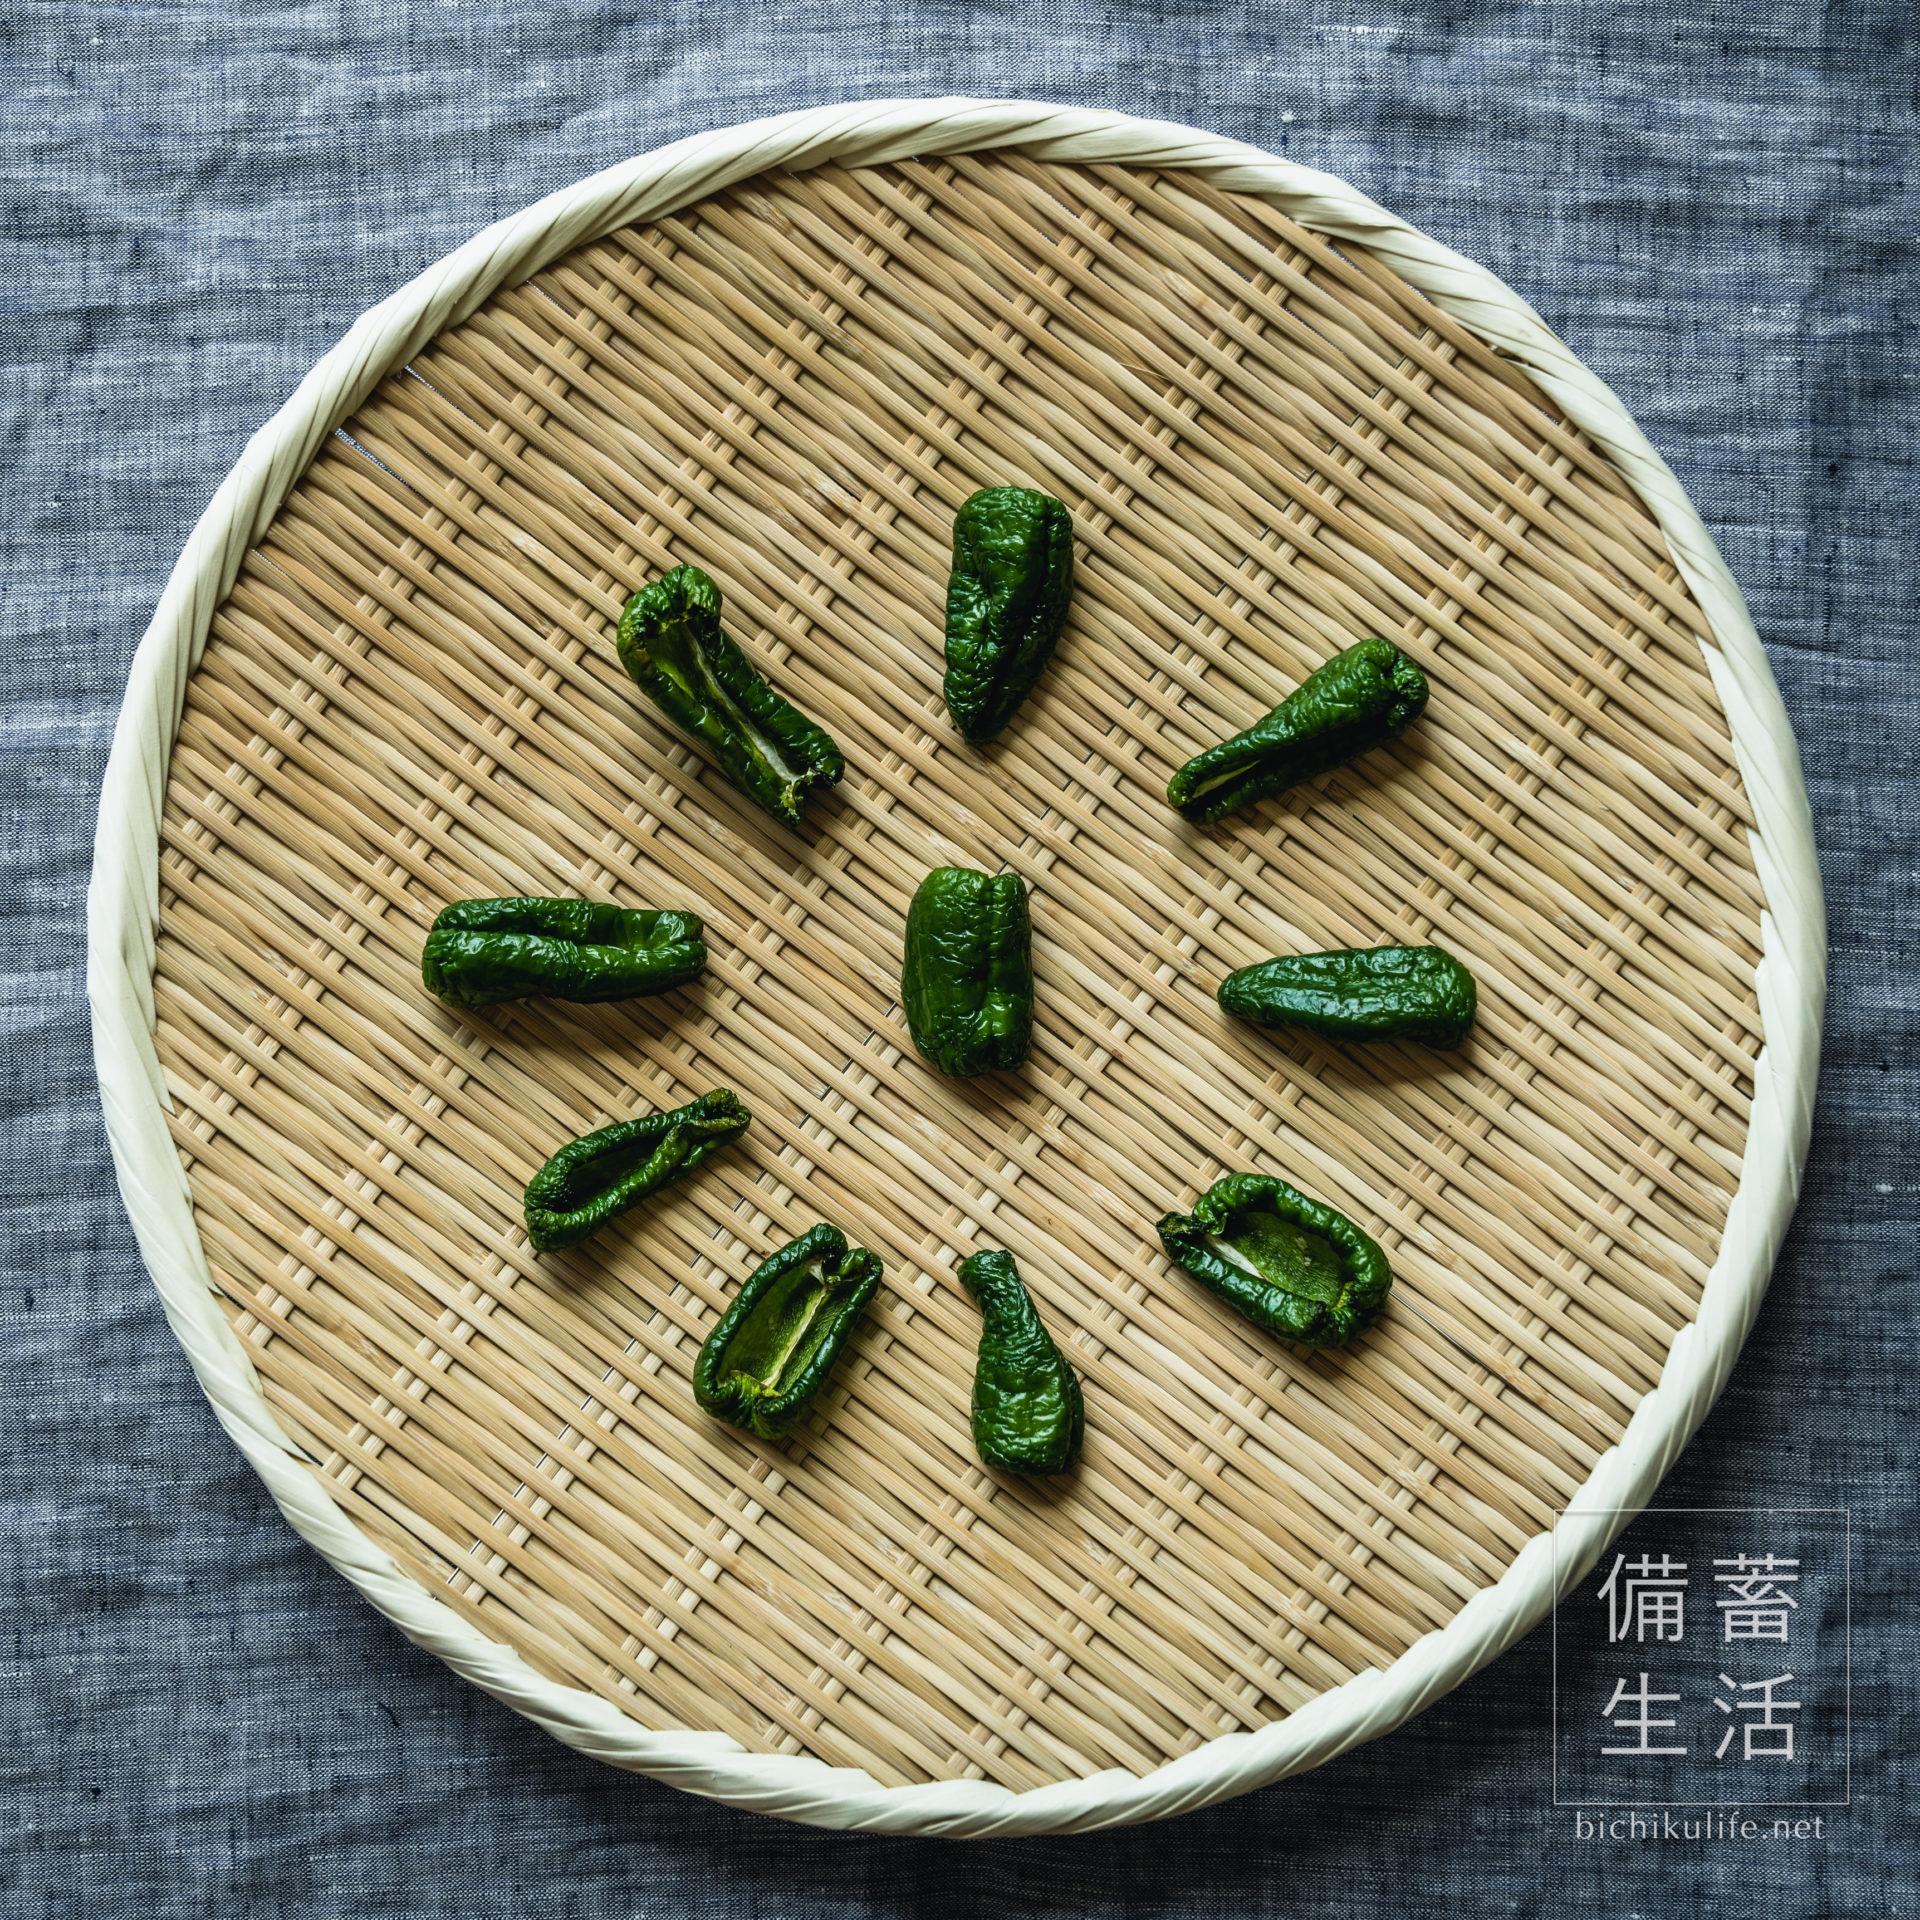 ピーマン 干し野菜づくり -干しピーマン-